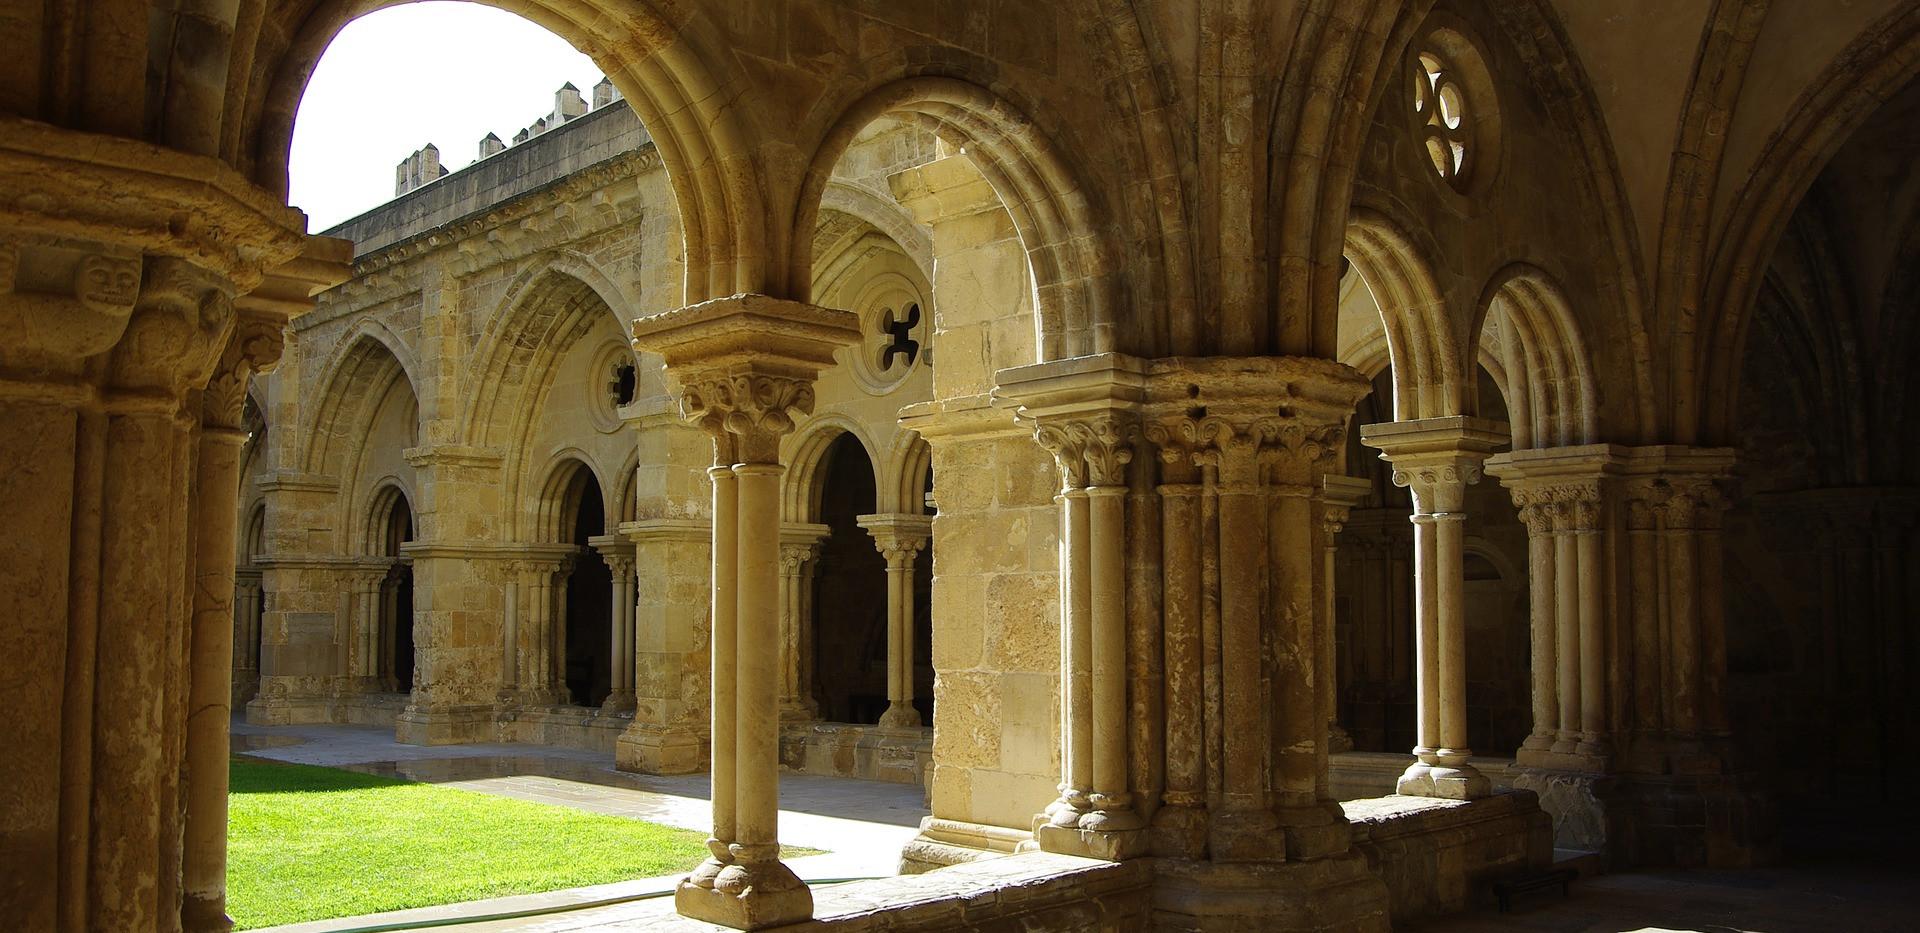 Mosteiro dos Jerônimos, Lisboa - Portugal